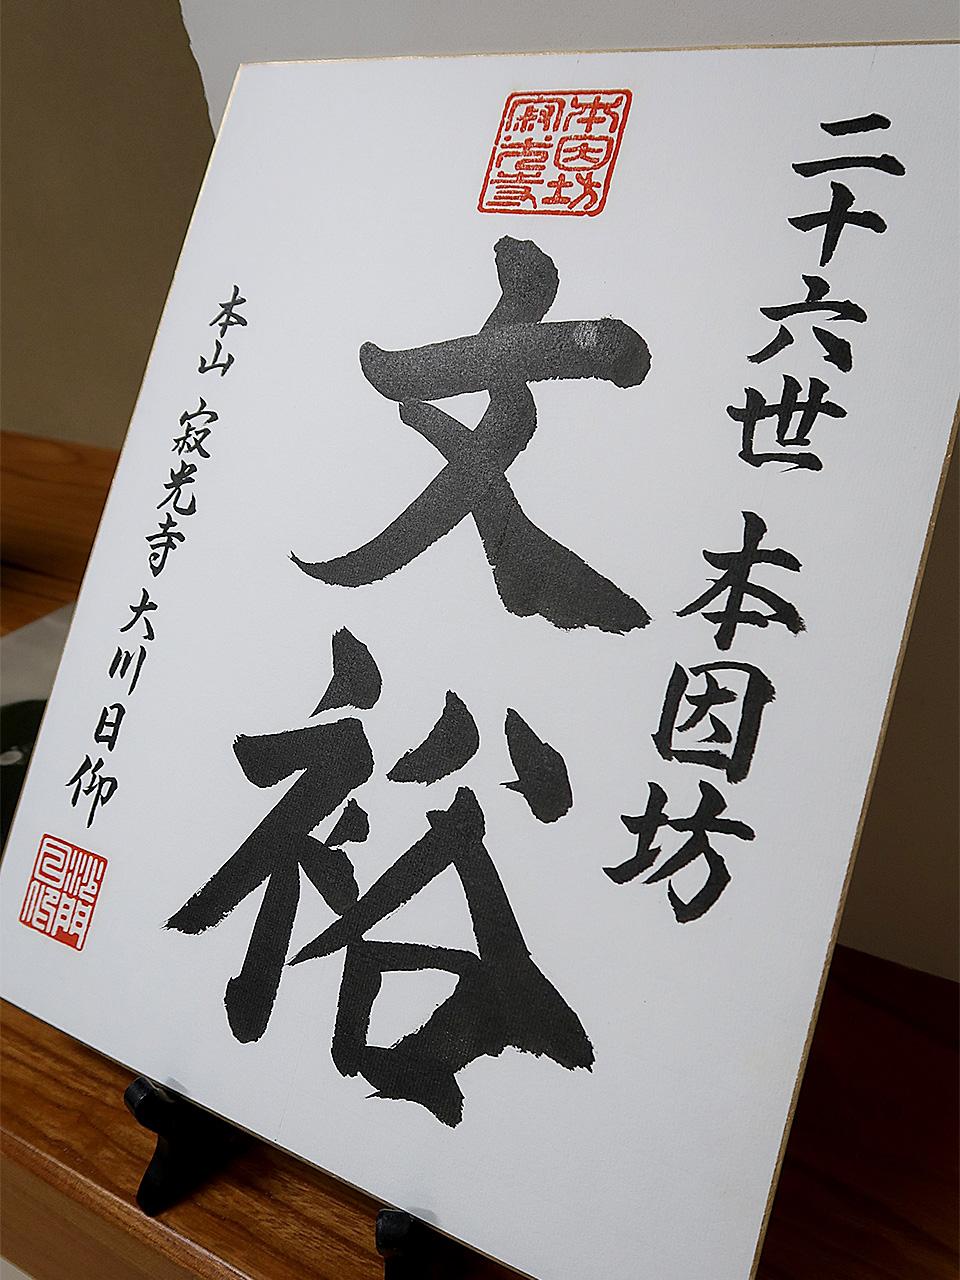 色紙にご住職が揮毫した井山裕太氏の永世本因坊の号